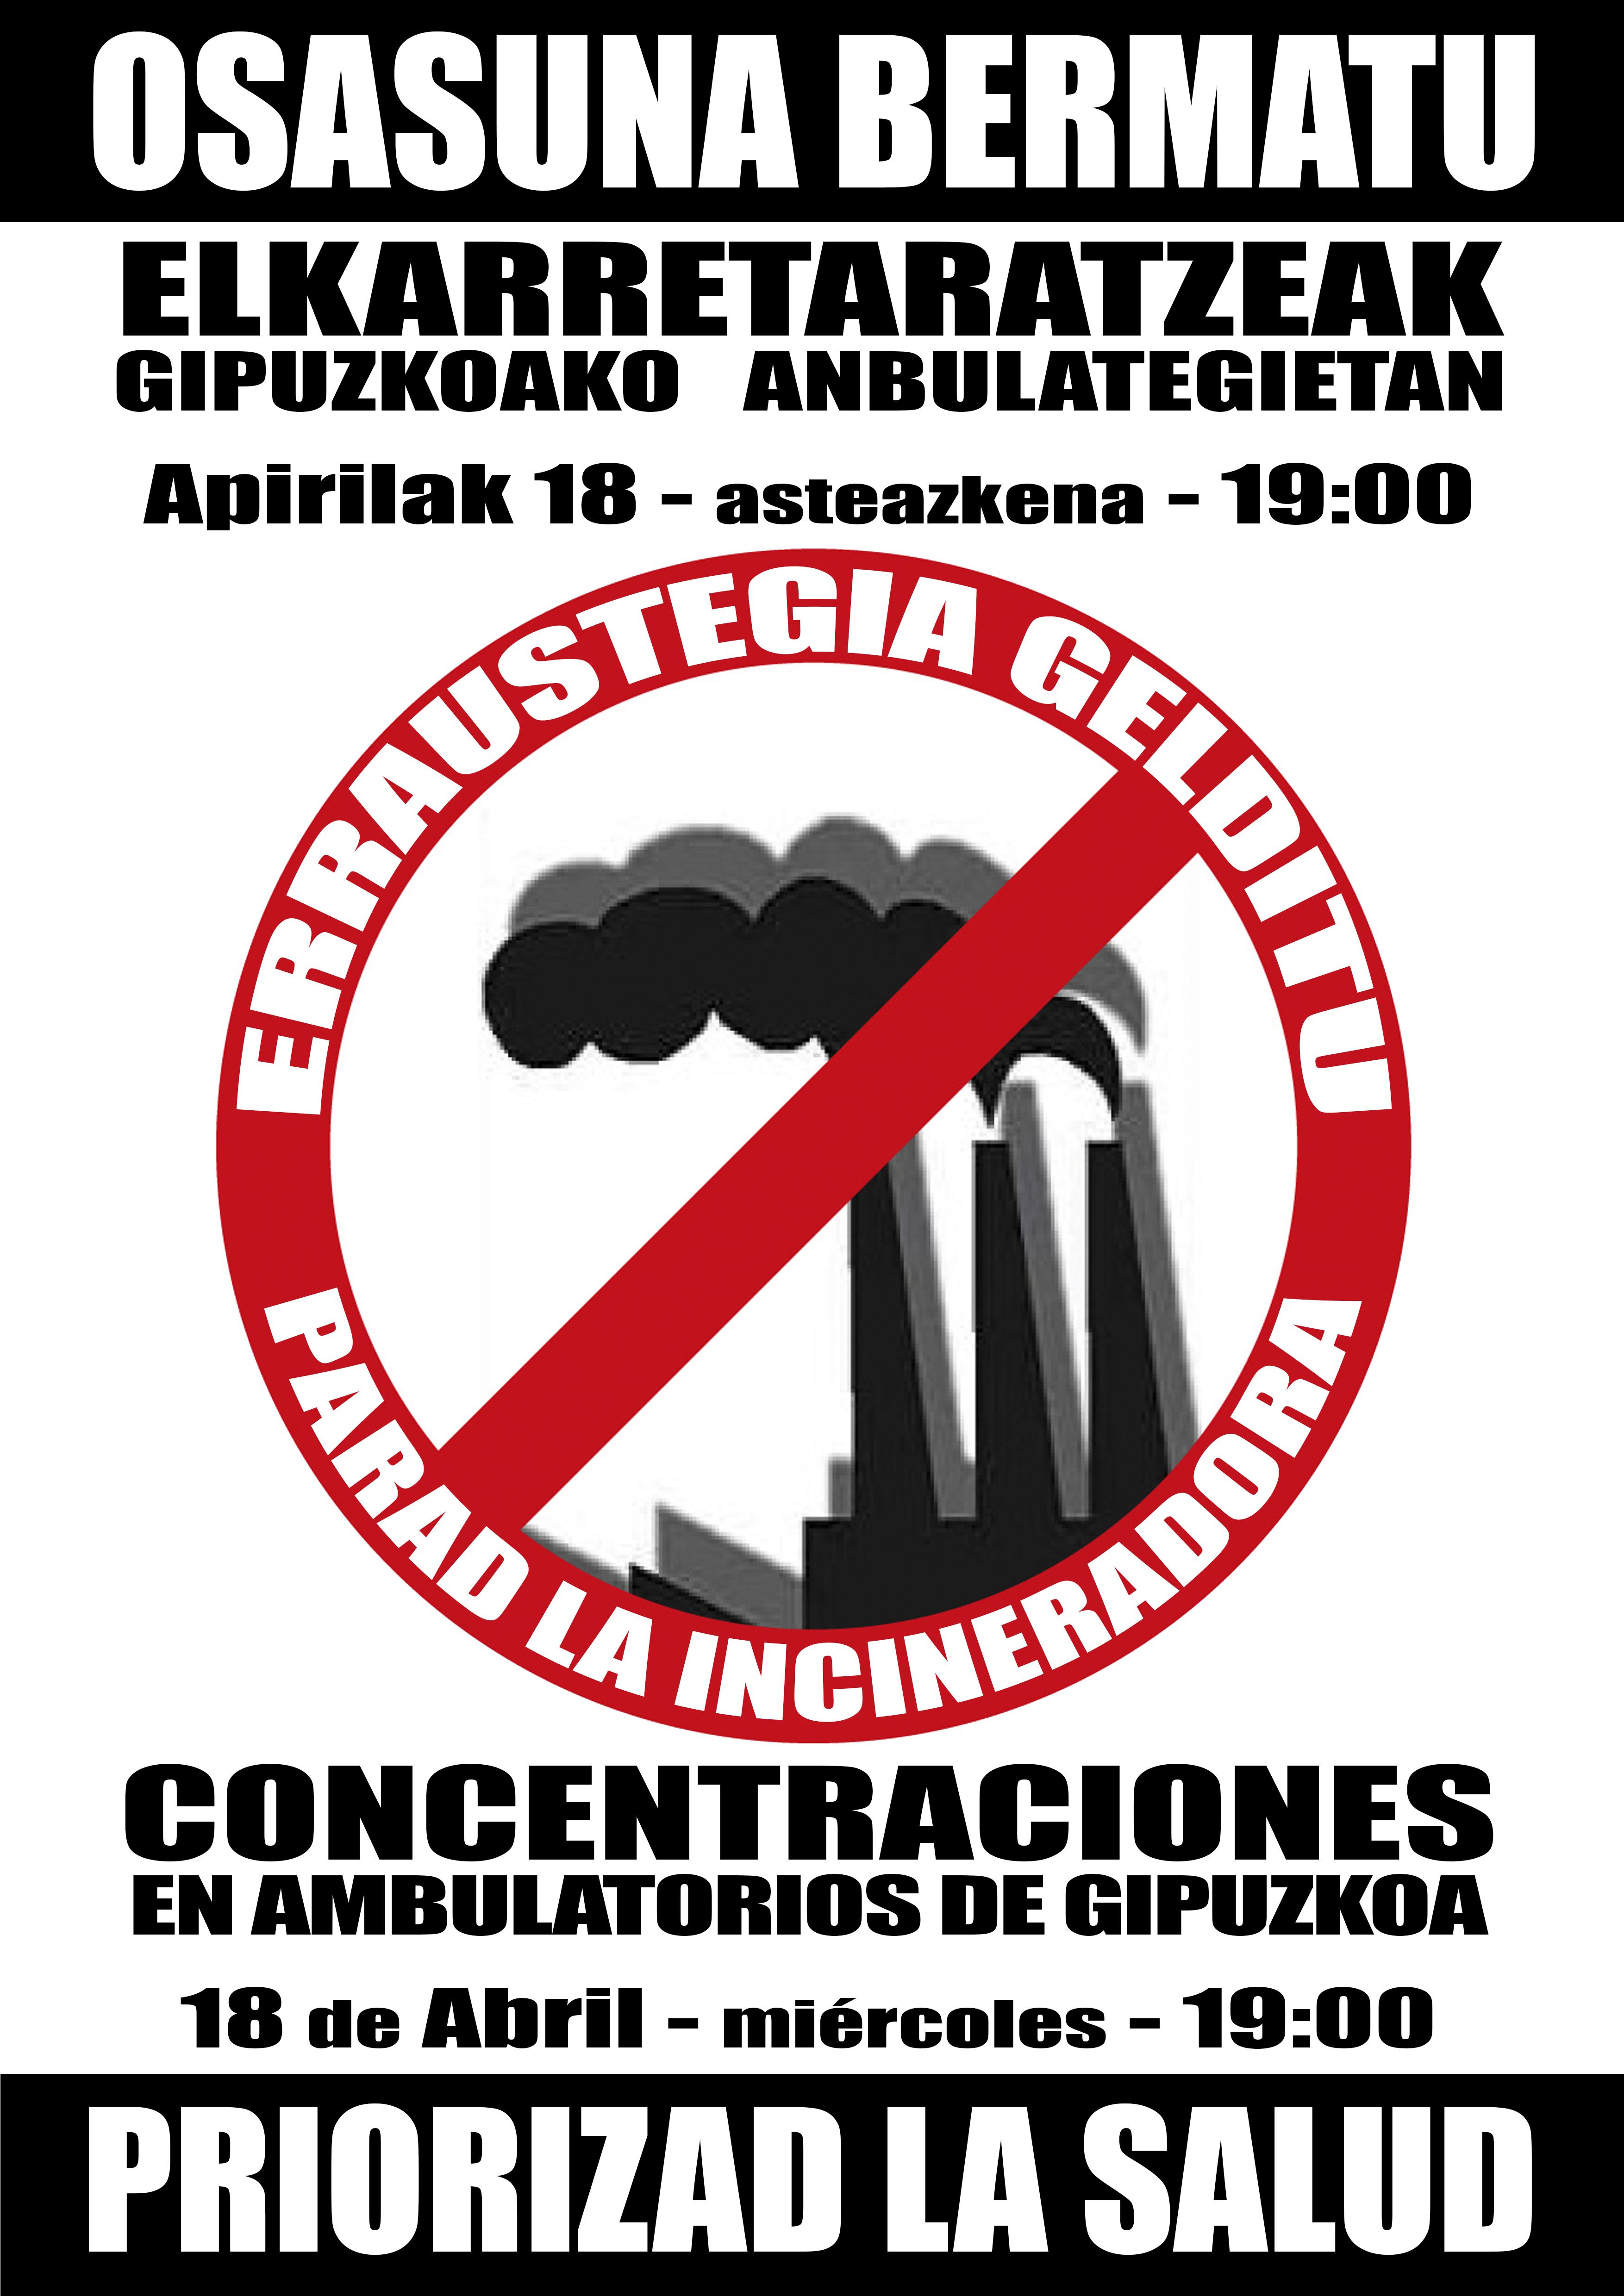 Hora de movilizarse: el 18 de abril concentraciones en los ambulatorios